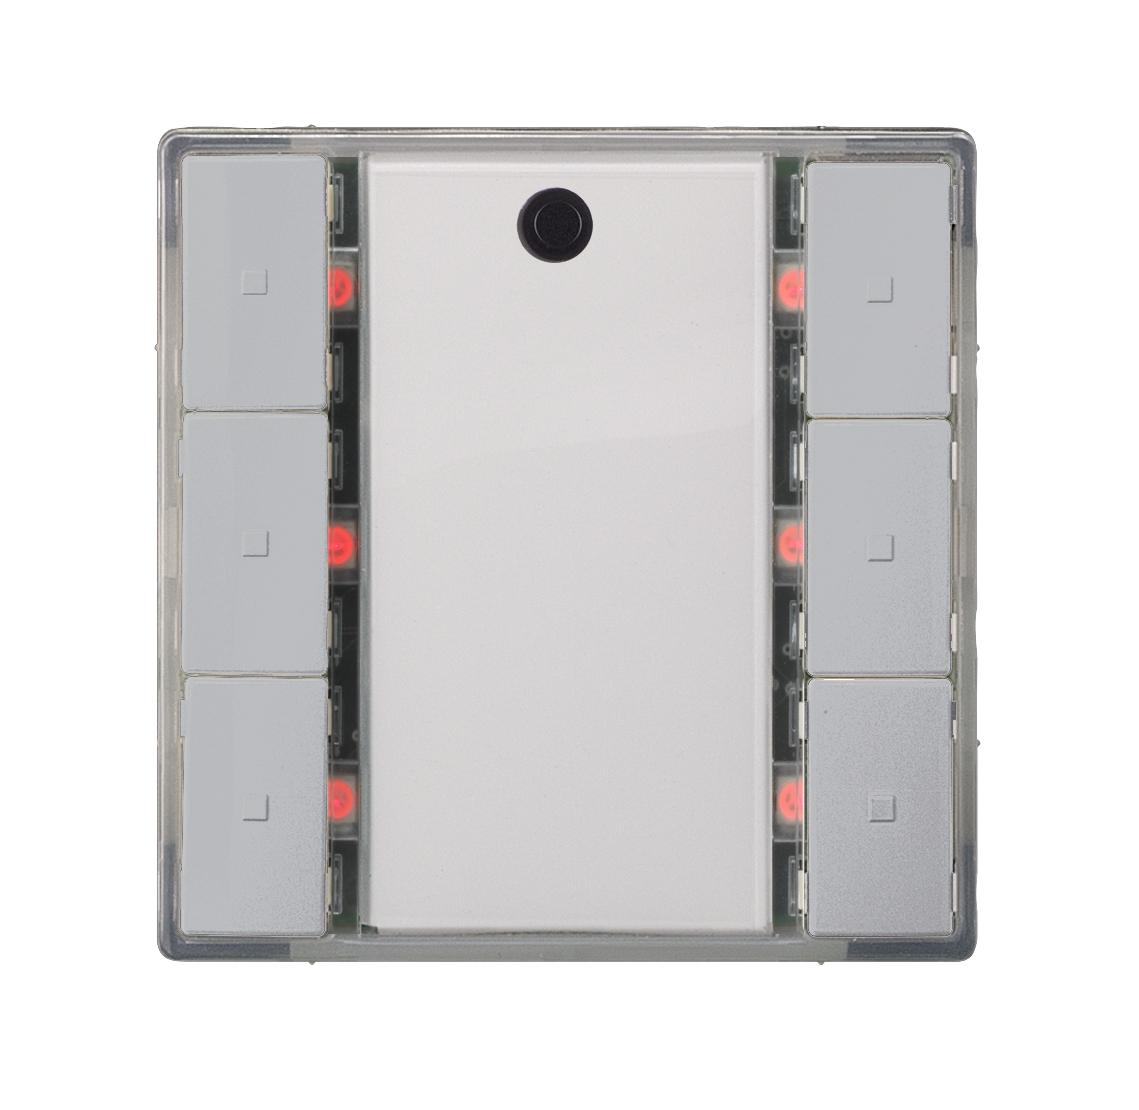 1 Stk Taster 3-fach mit Status-LED, i-system, aluminiummetallic KX2232DB35